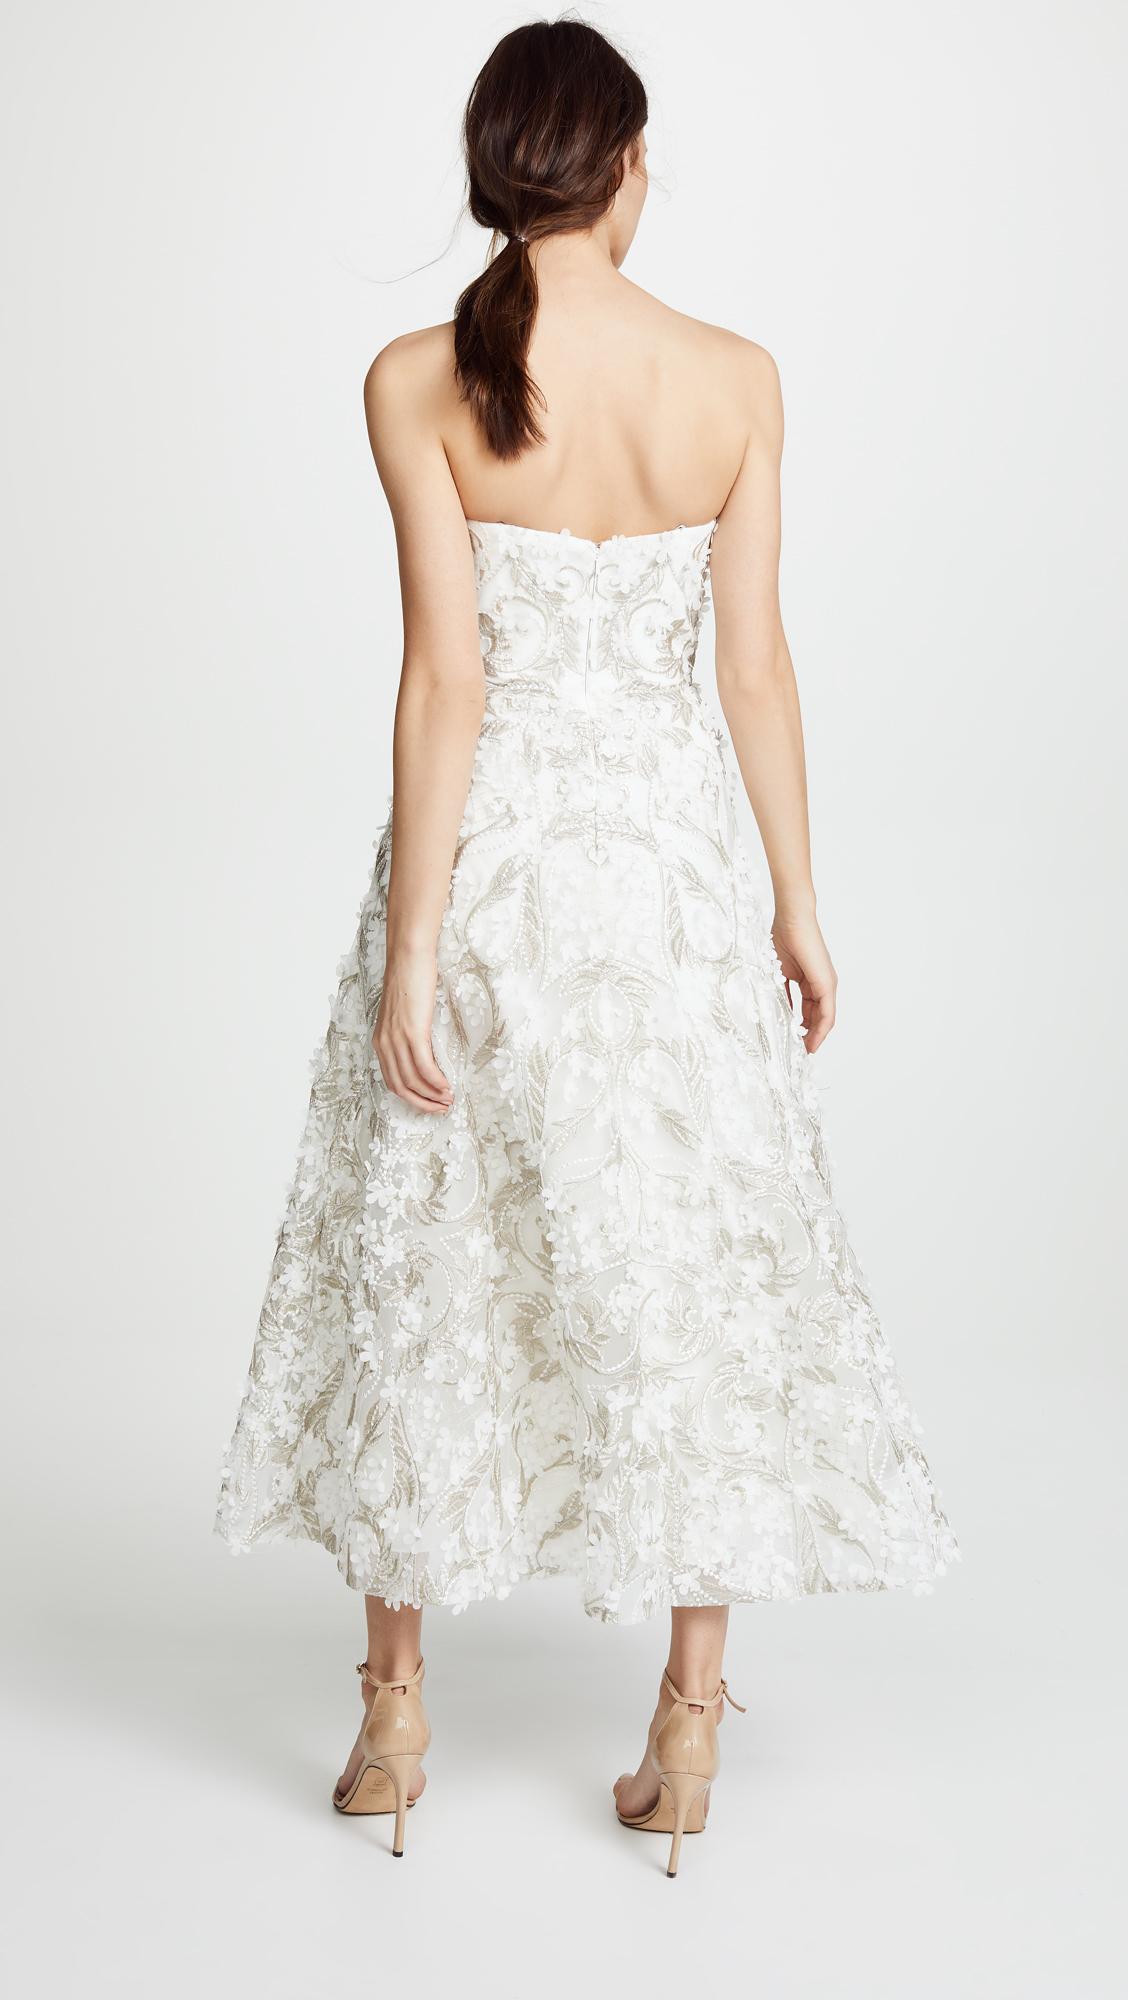 Marchesa Wedding Dresses From Fall 2020 Bridal Fashion Week